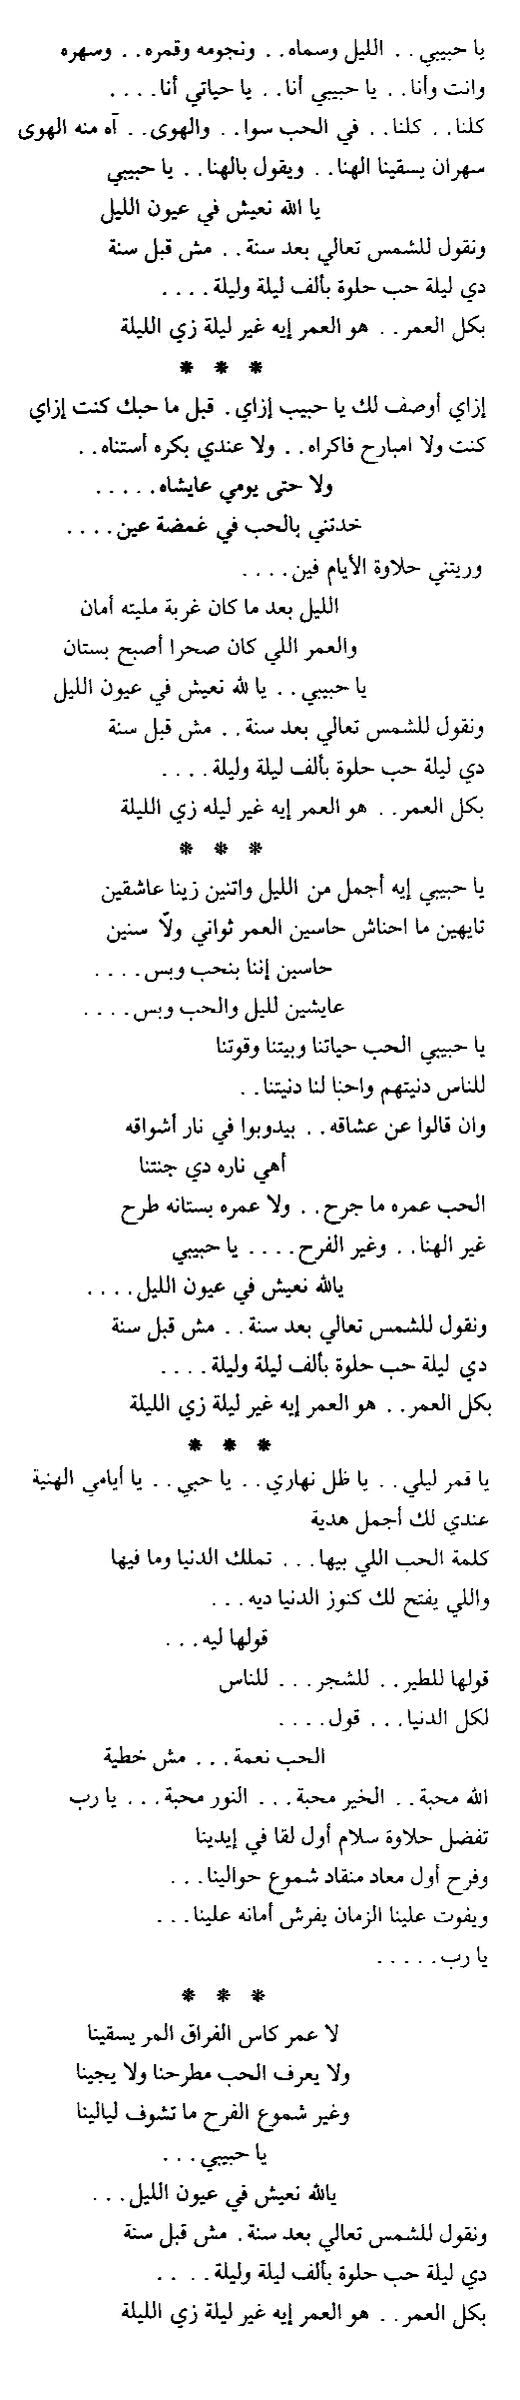 كلمات اغنية الف ليلة وليلة أم كلثوم Um Kalthom Music Quotes Funny Quotes Music Quotes Lyrics